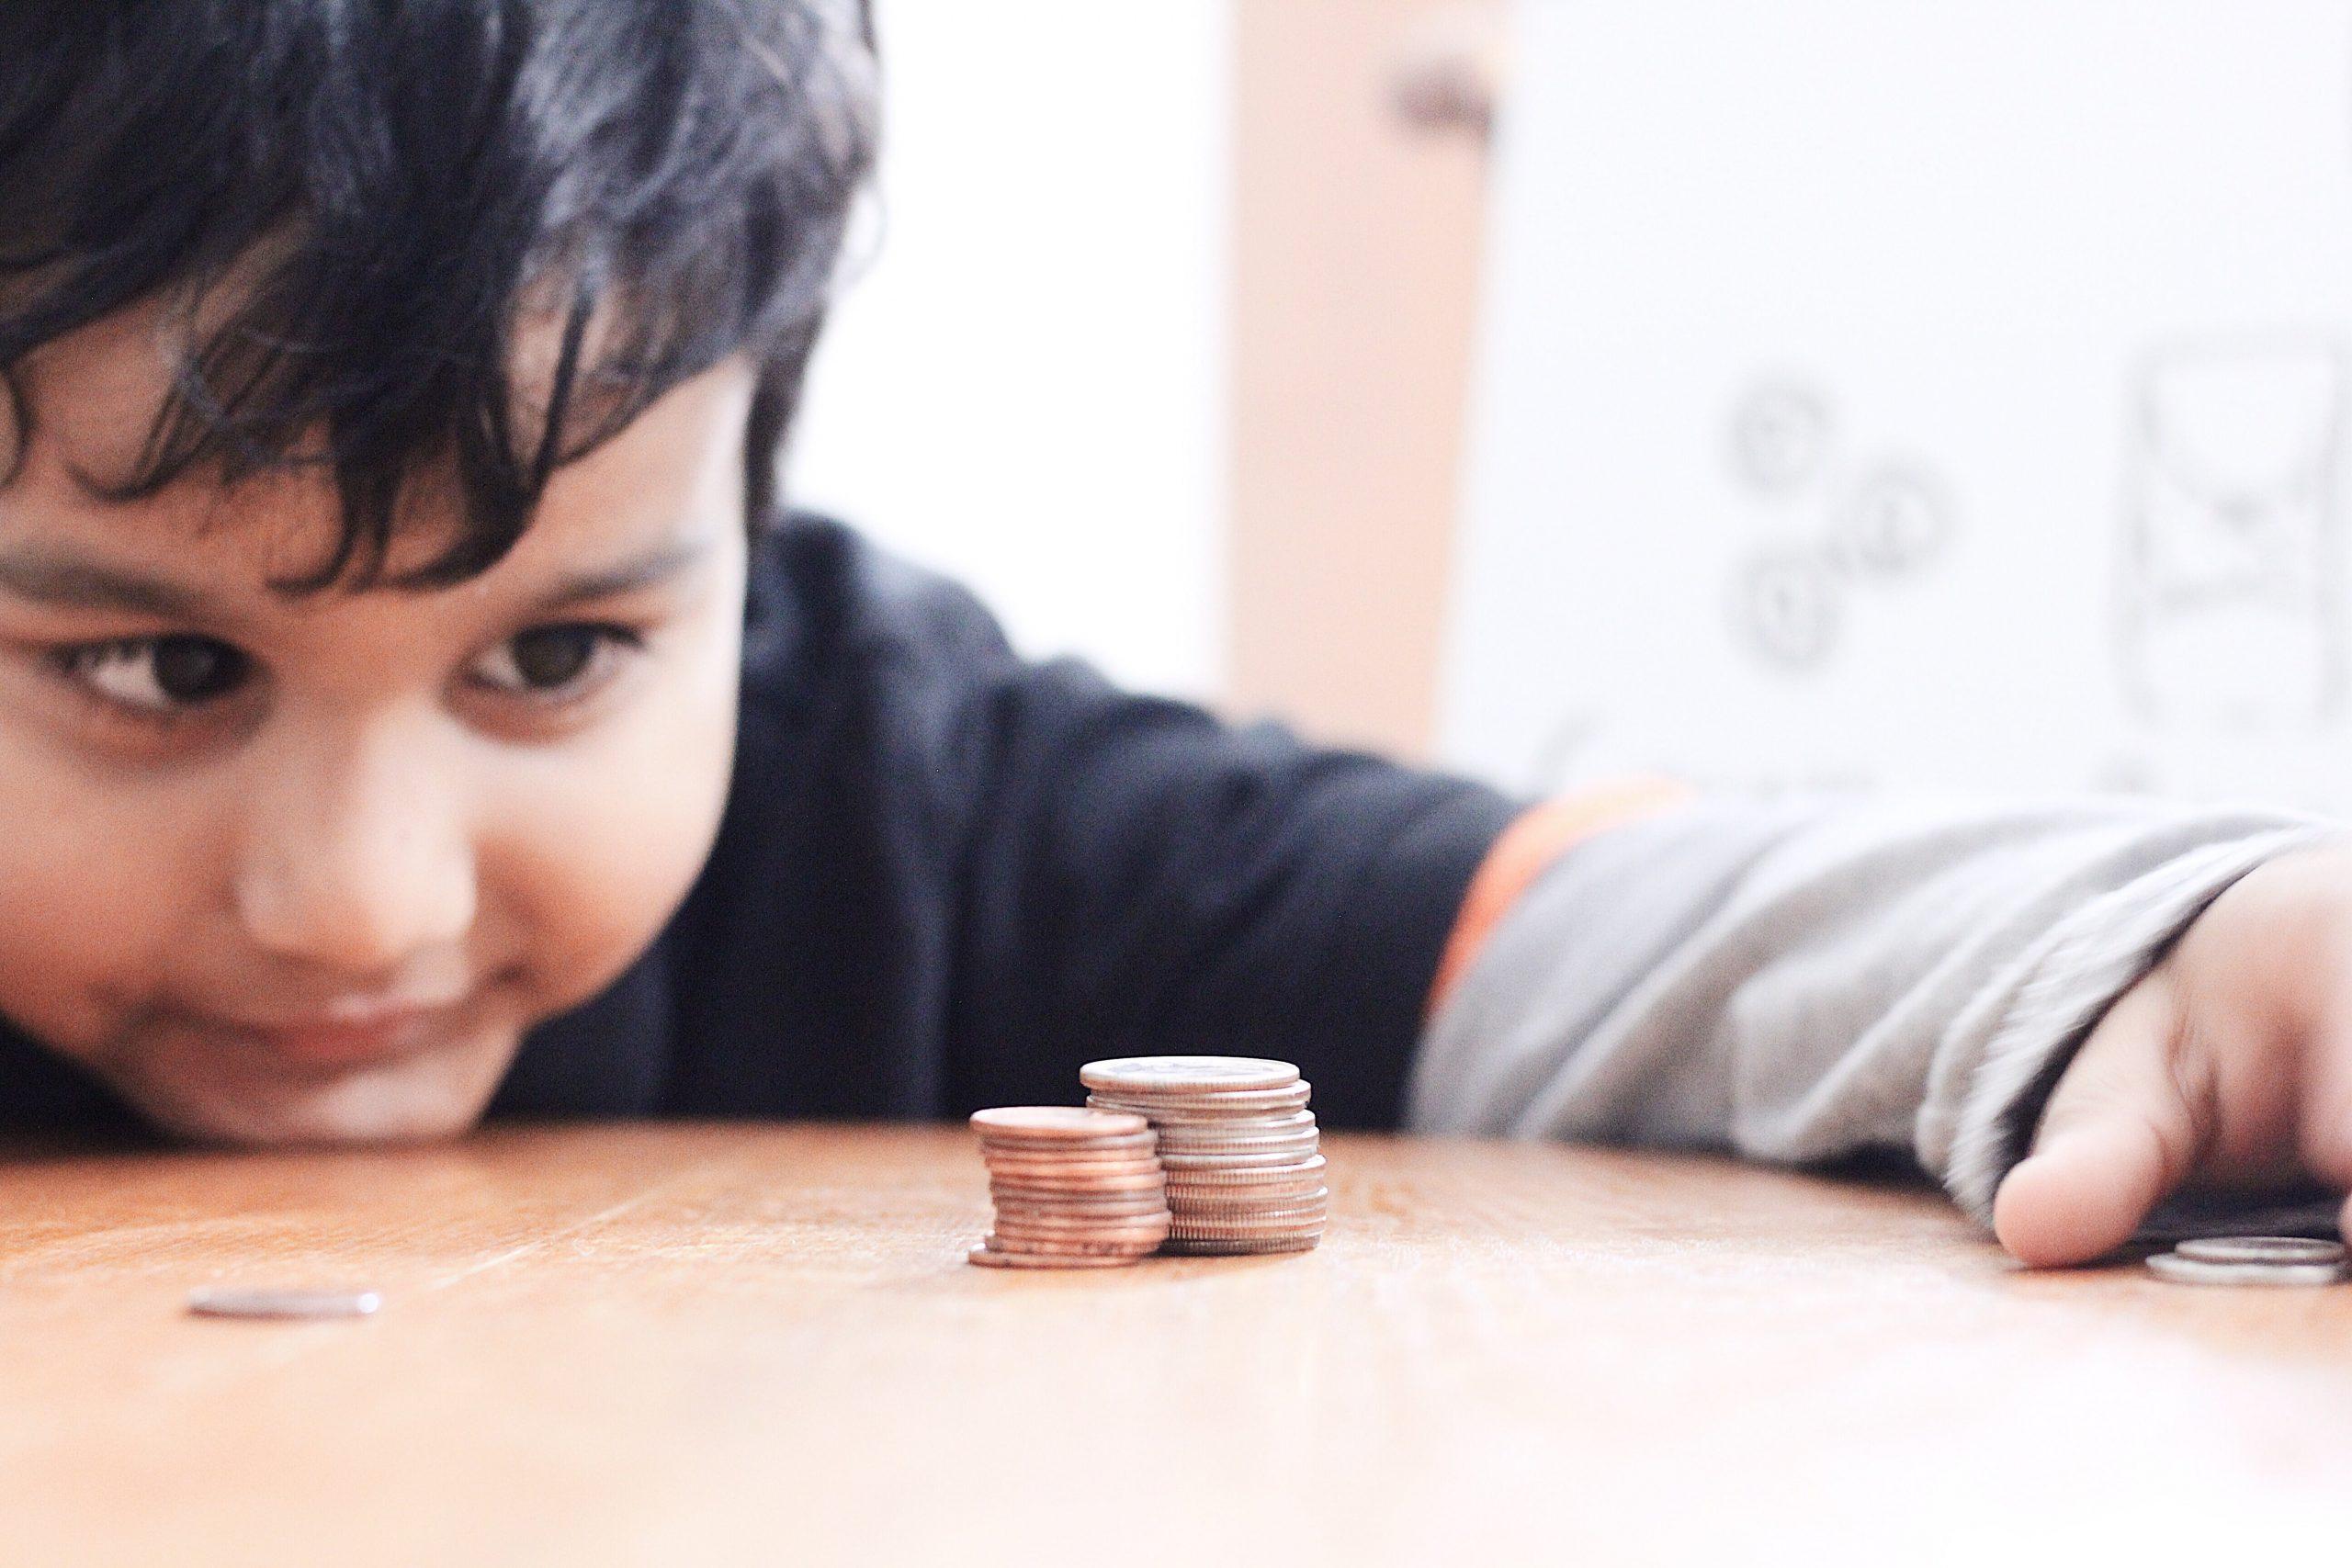 kid-understand-value-of-money-62WZM7J